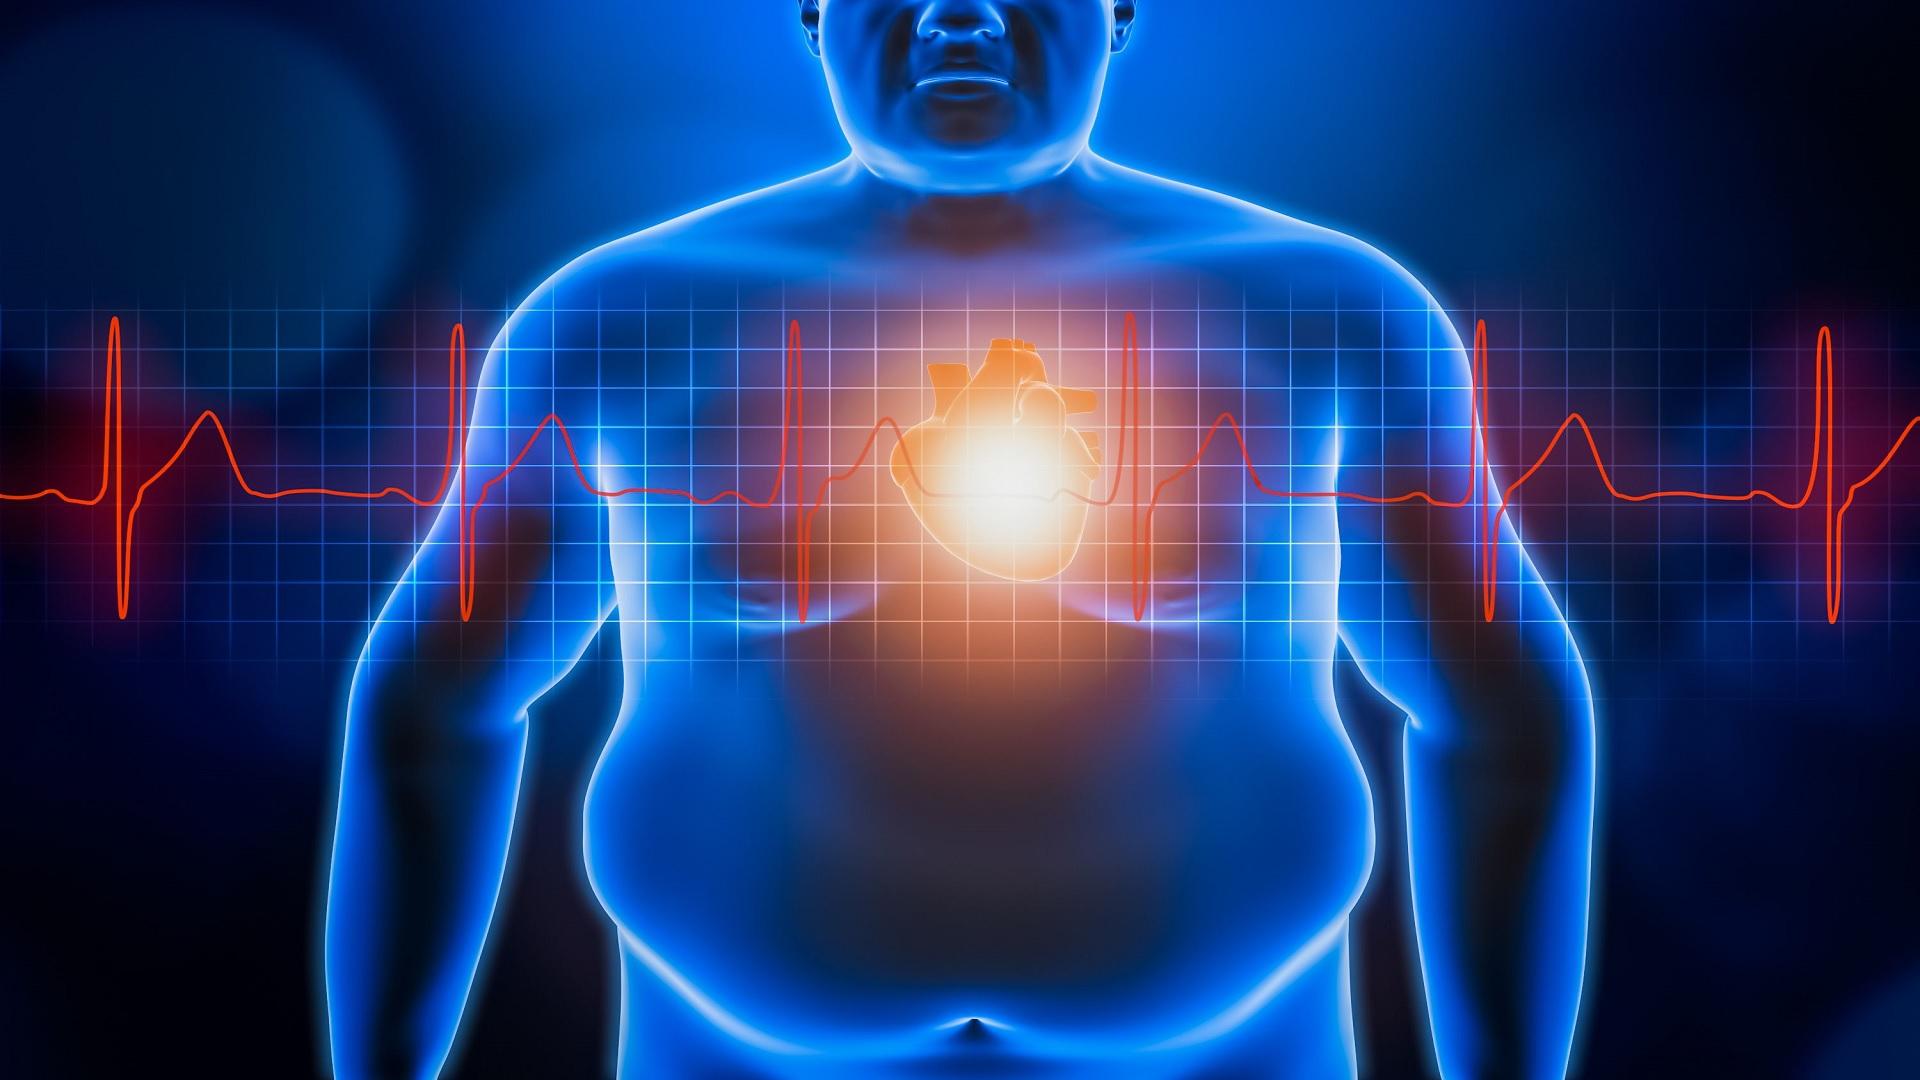 Παχυσαρκία καταπολέμηση στομάχι: Το στομάχι μπορεί να κρύβει το μυστικό για την καταπολέμηση της παχυσαρκίας